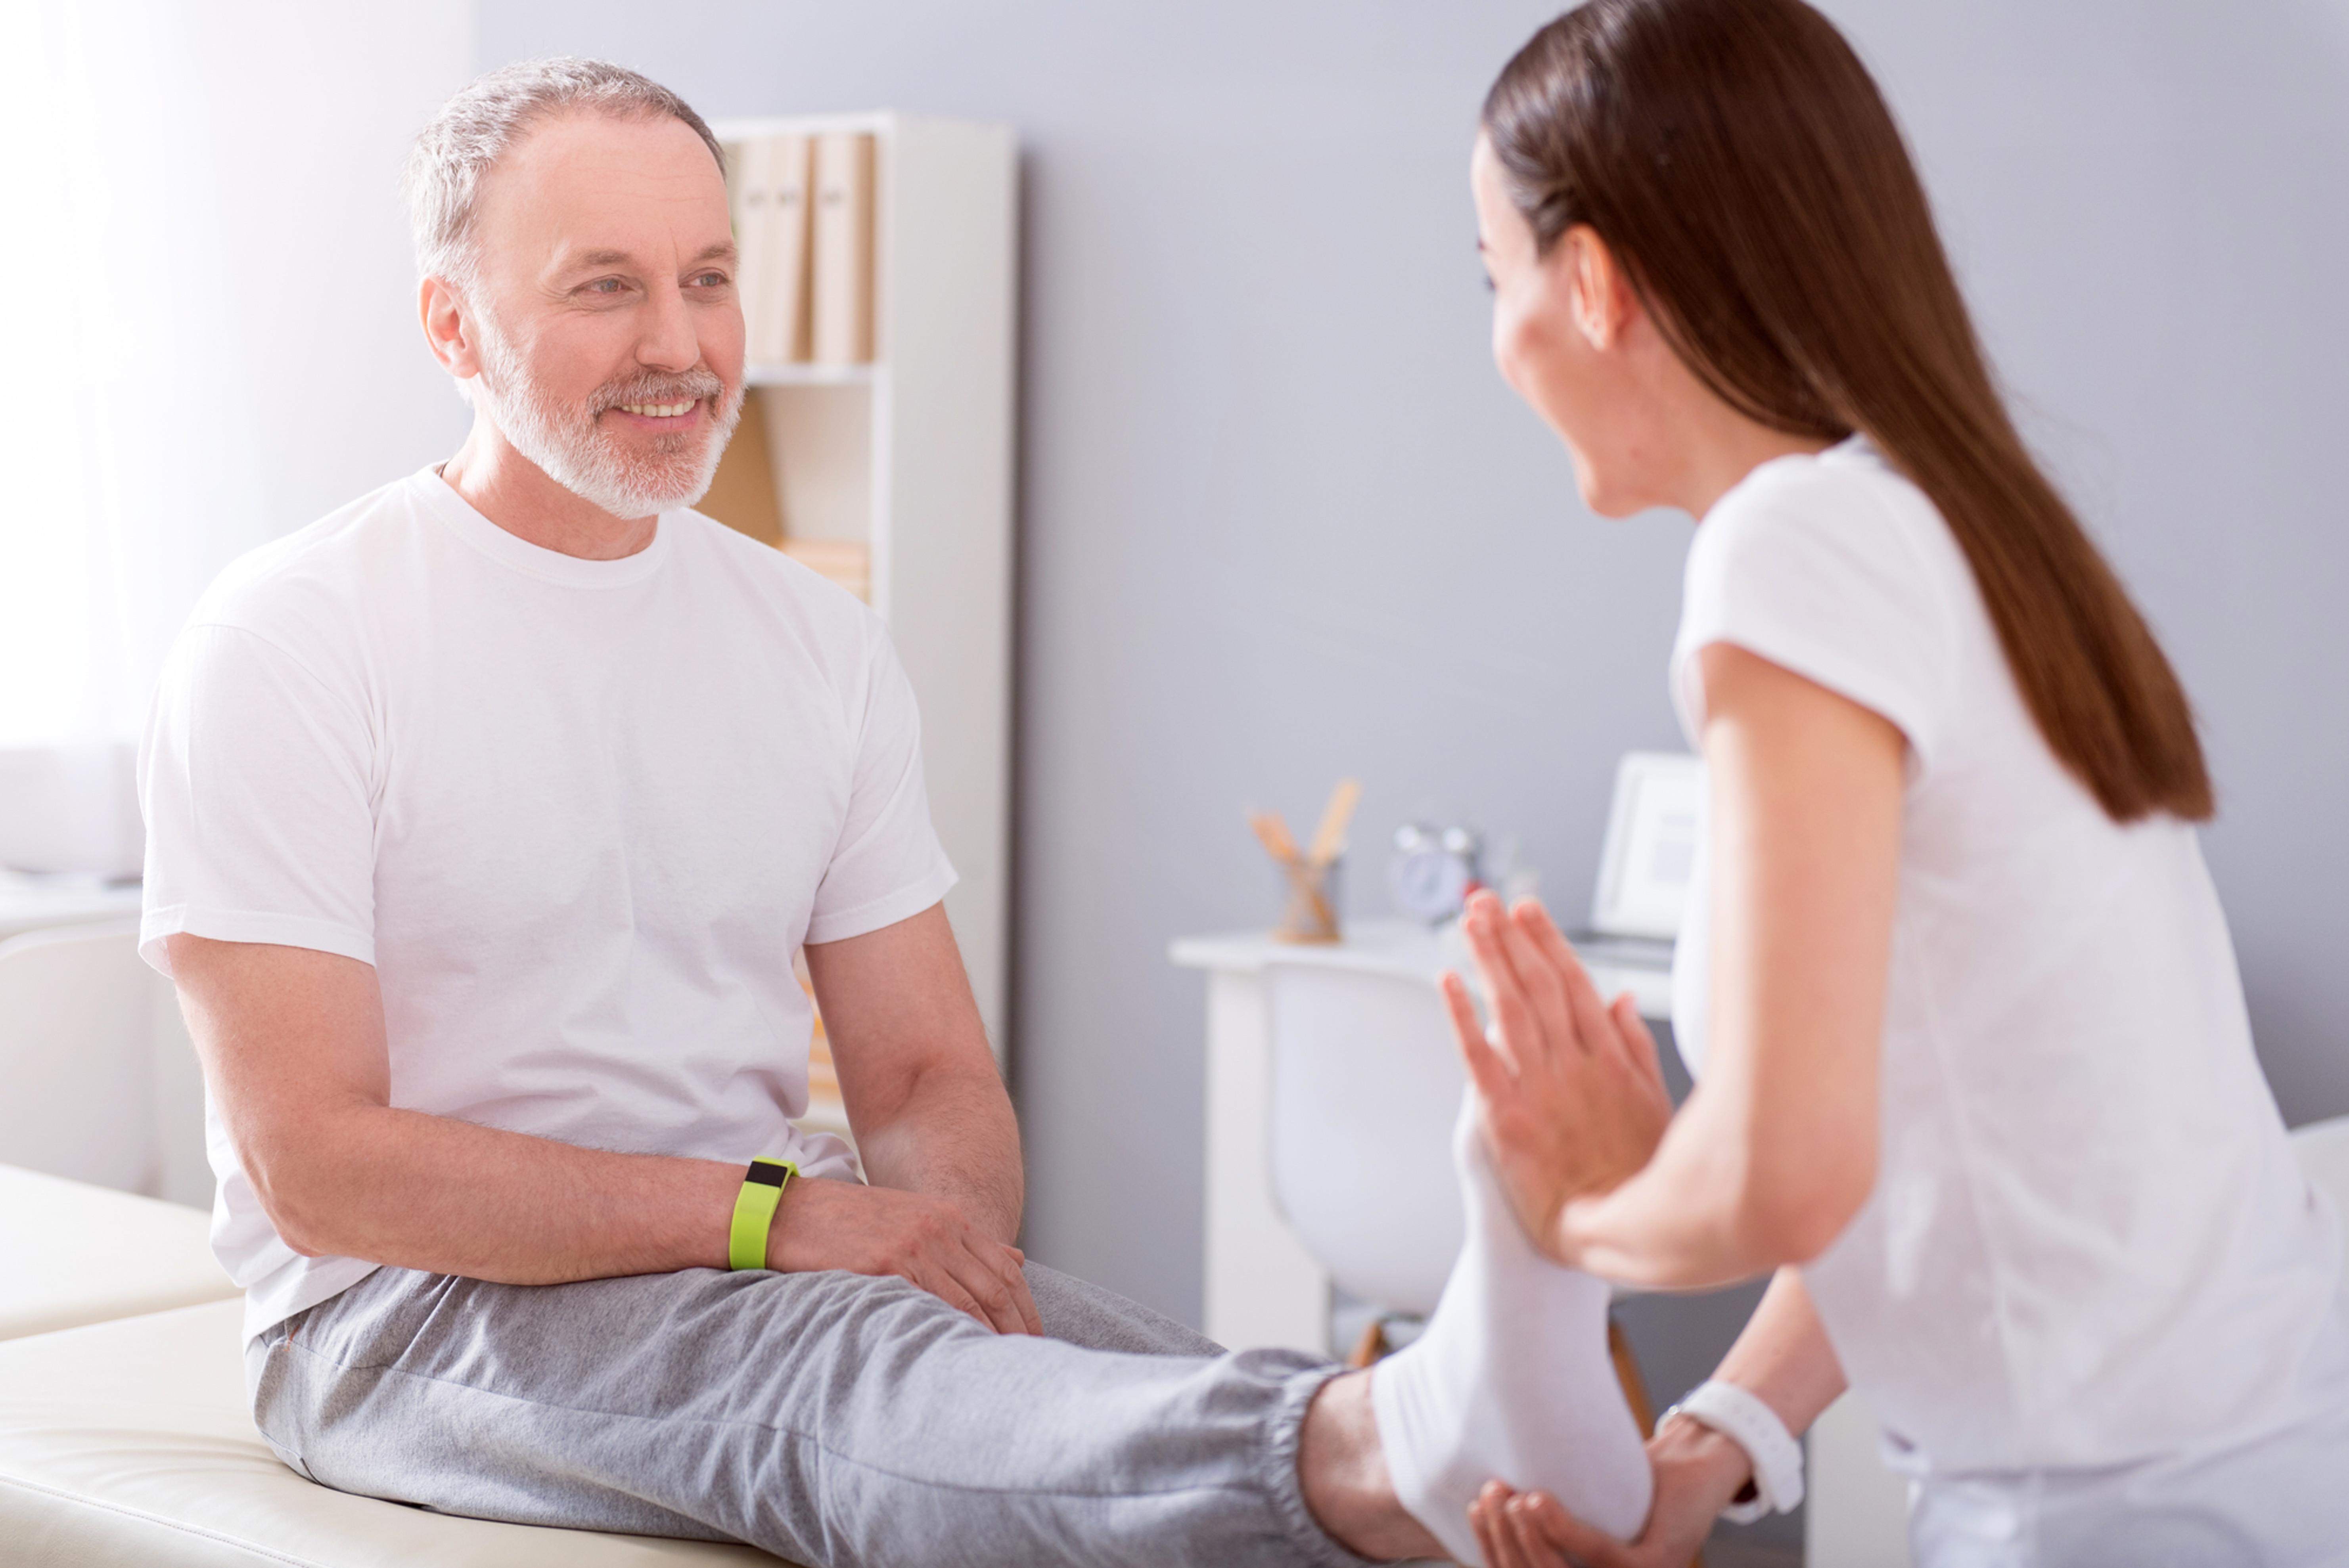 Ortopedia - Consulta Médica